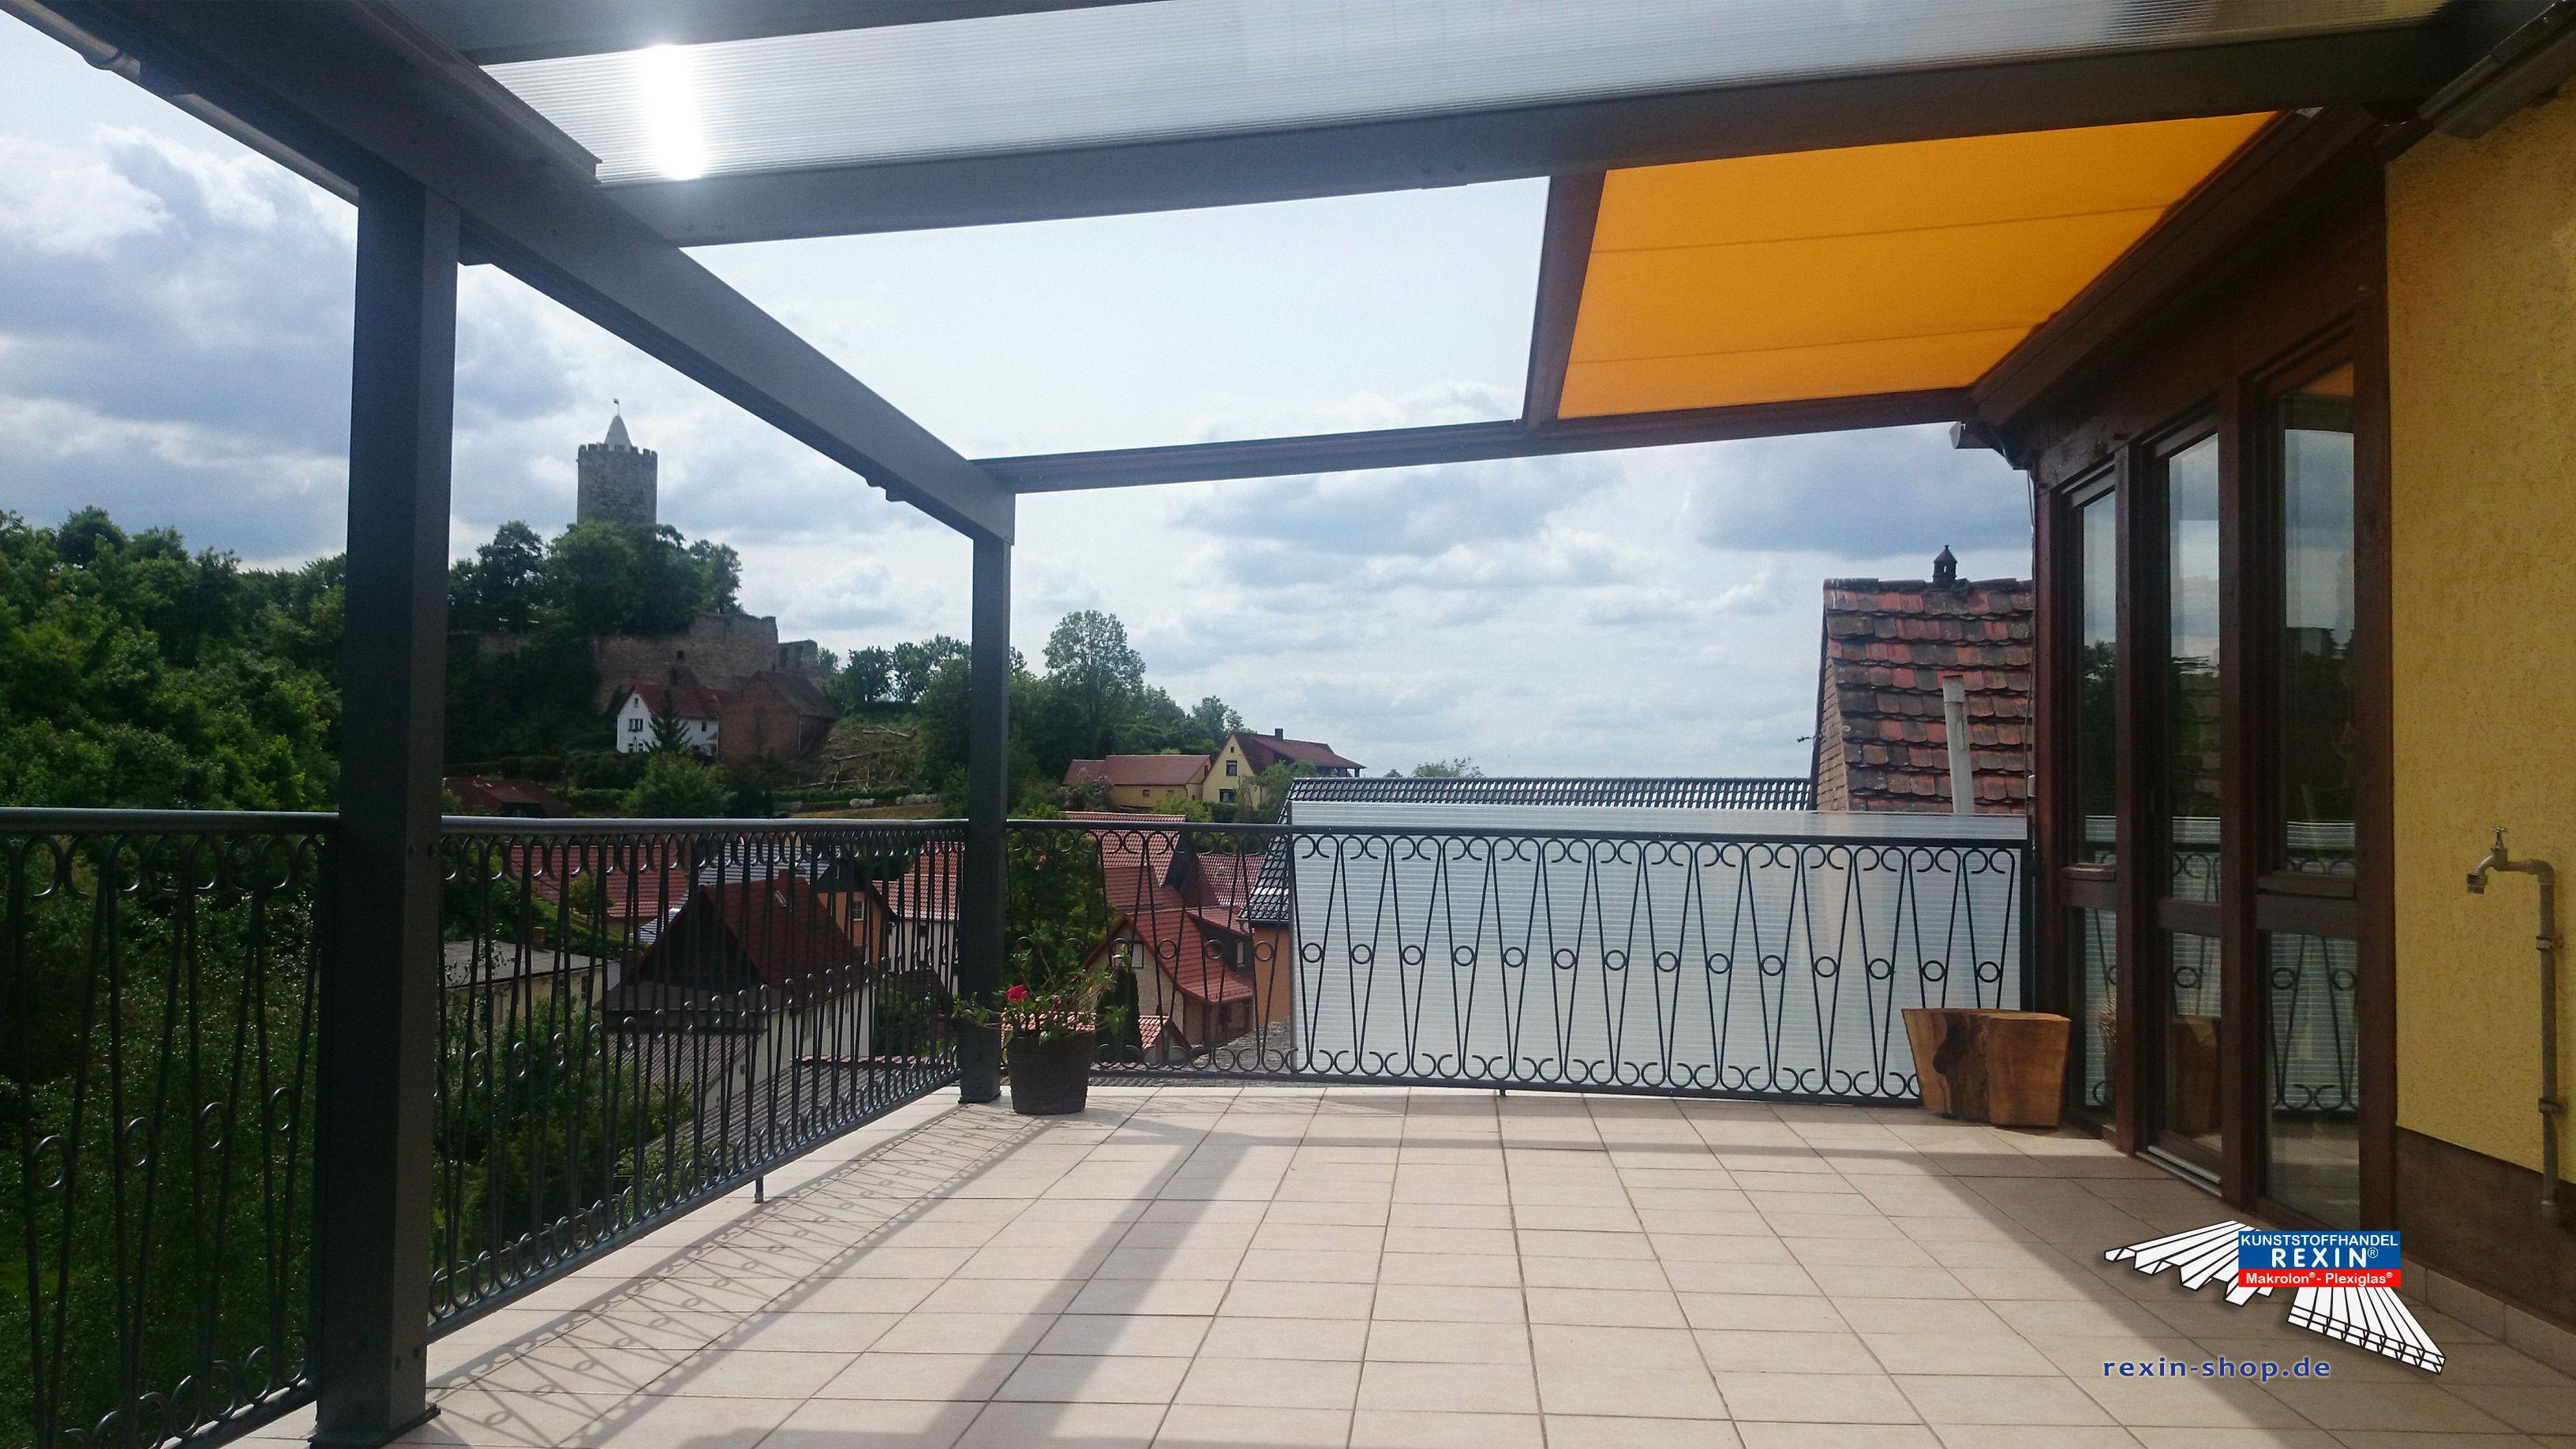 212f49be44f8d4ad36b35146d79b9098 Inspiration Sichtschutz Balkon Einseitig Durchsichtig Schema